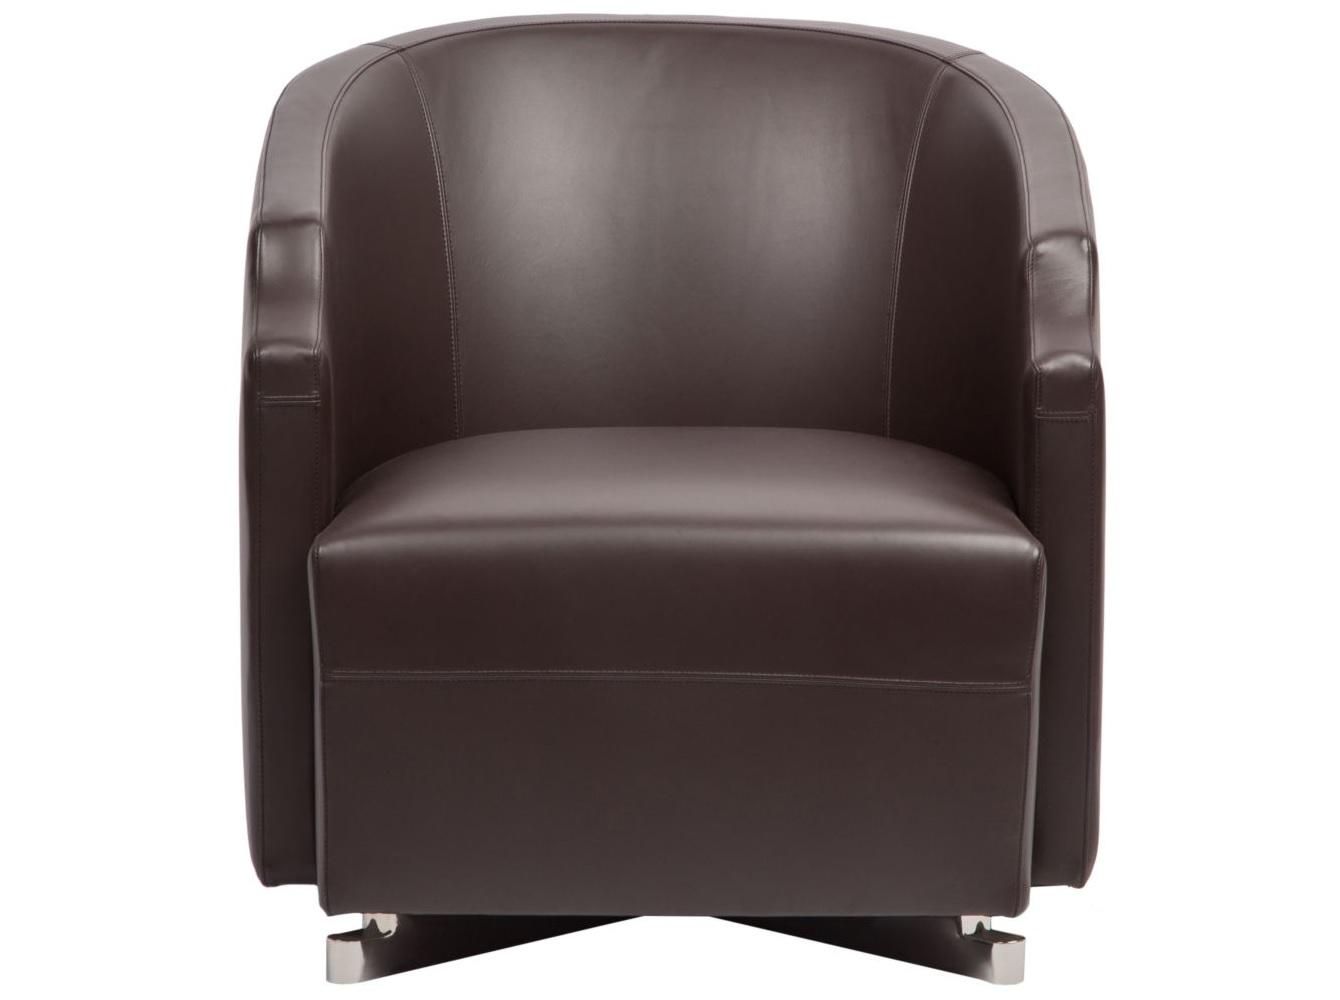 Кресло Arma brownКожаные кресла<br><br><br>Material: Кожа<br>Ширина см: 67<br>Высота см: 72<br>Глубина см: 80